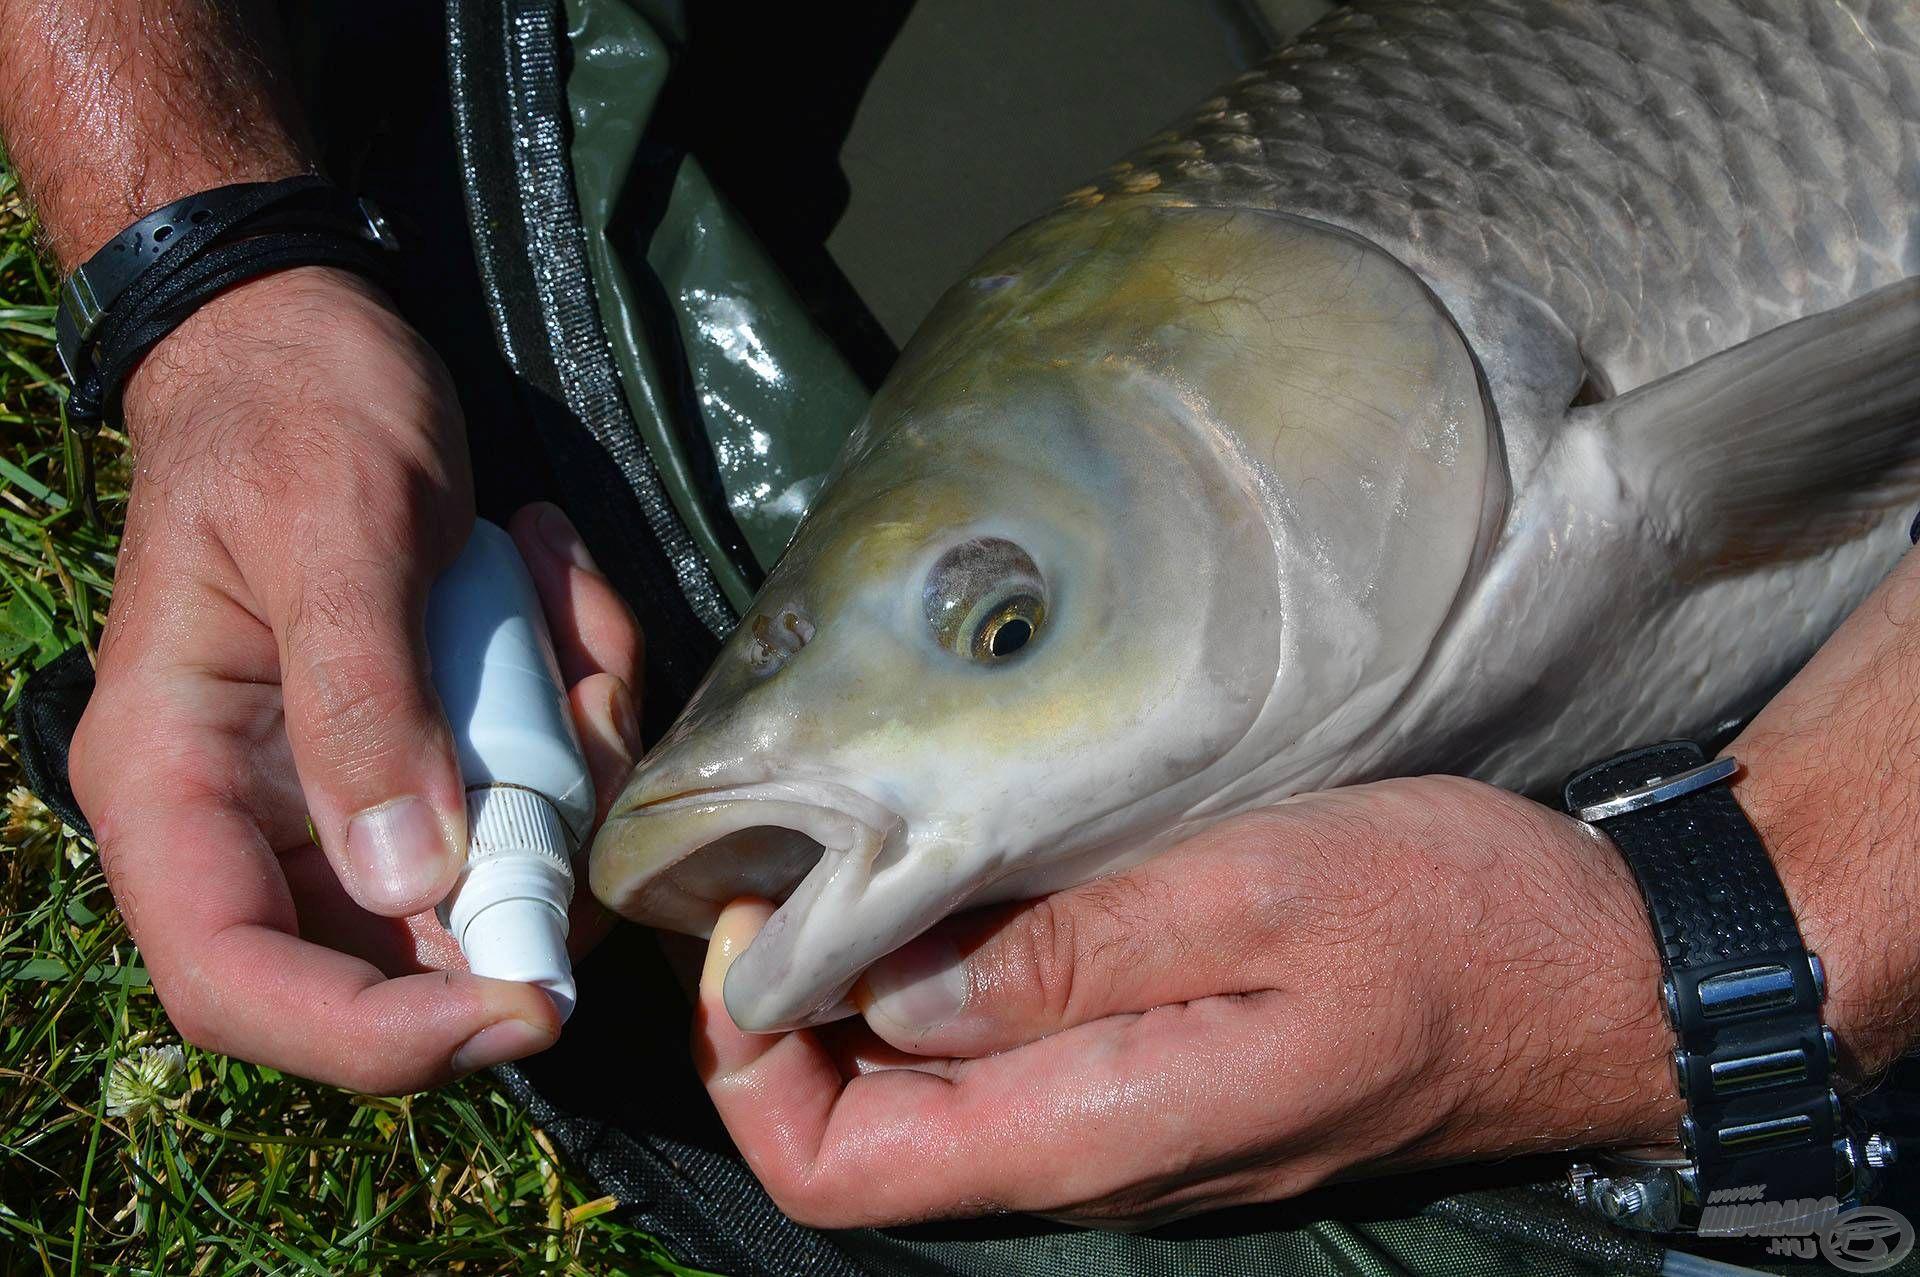 Némi törődéssel és odafigyeléssel sokat tehetünk azért, hogy ezek a csodálatos halak még sokáig okozhassanak nekünk emlékezetes horgászélményeket!